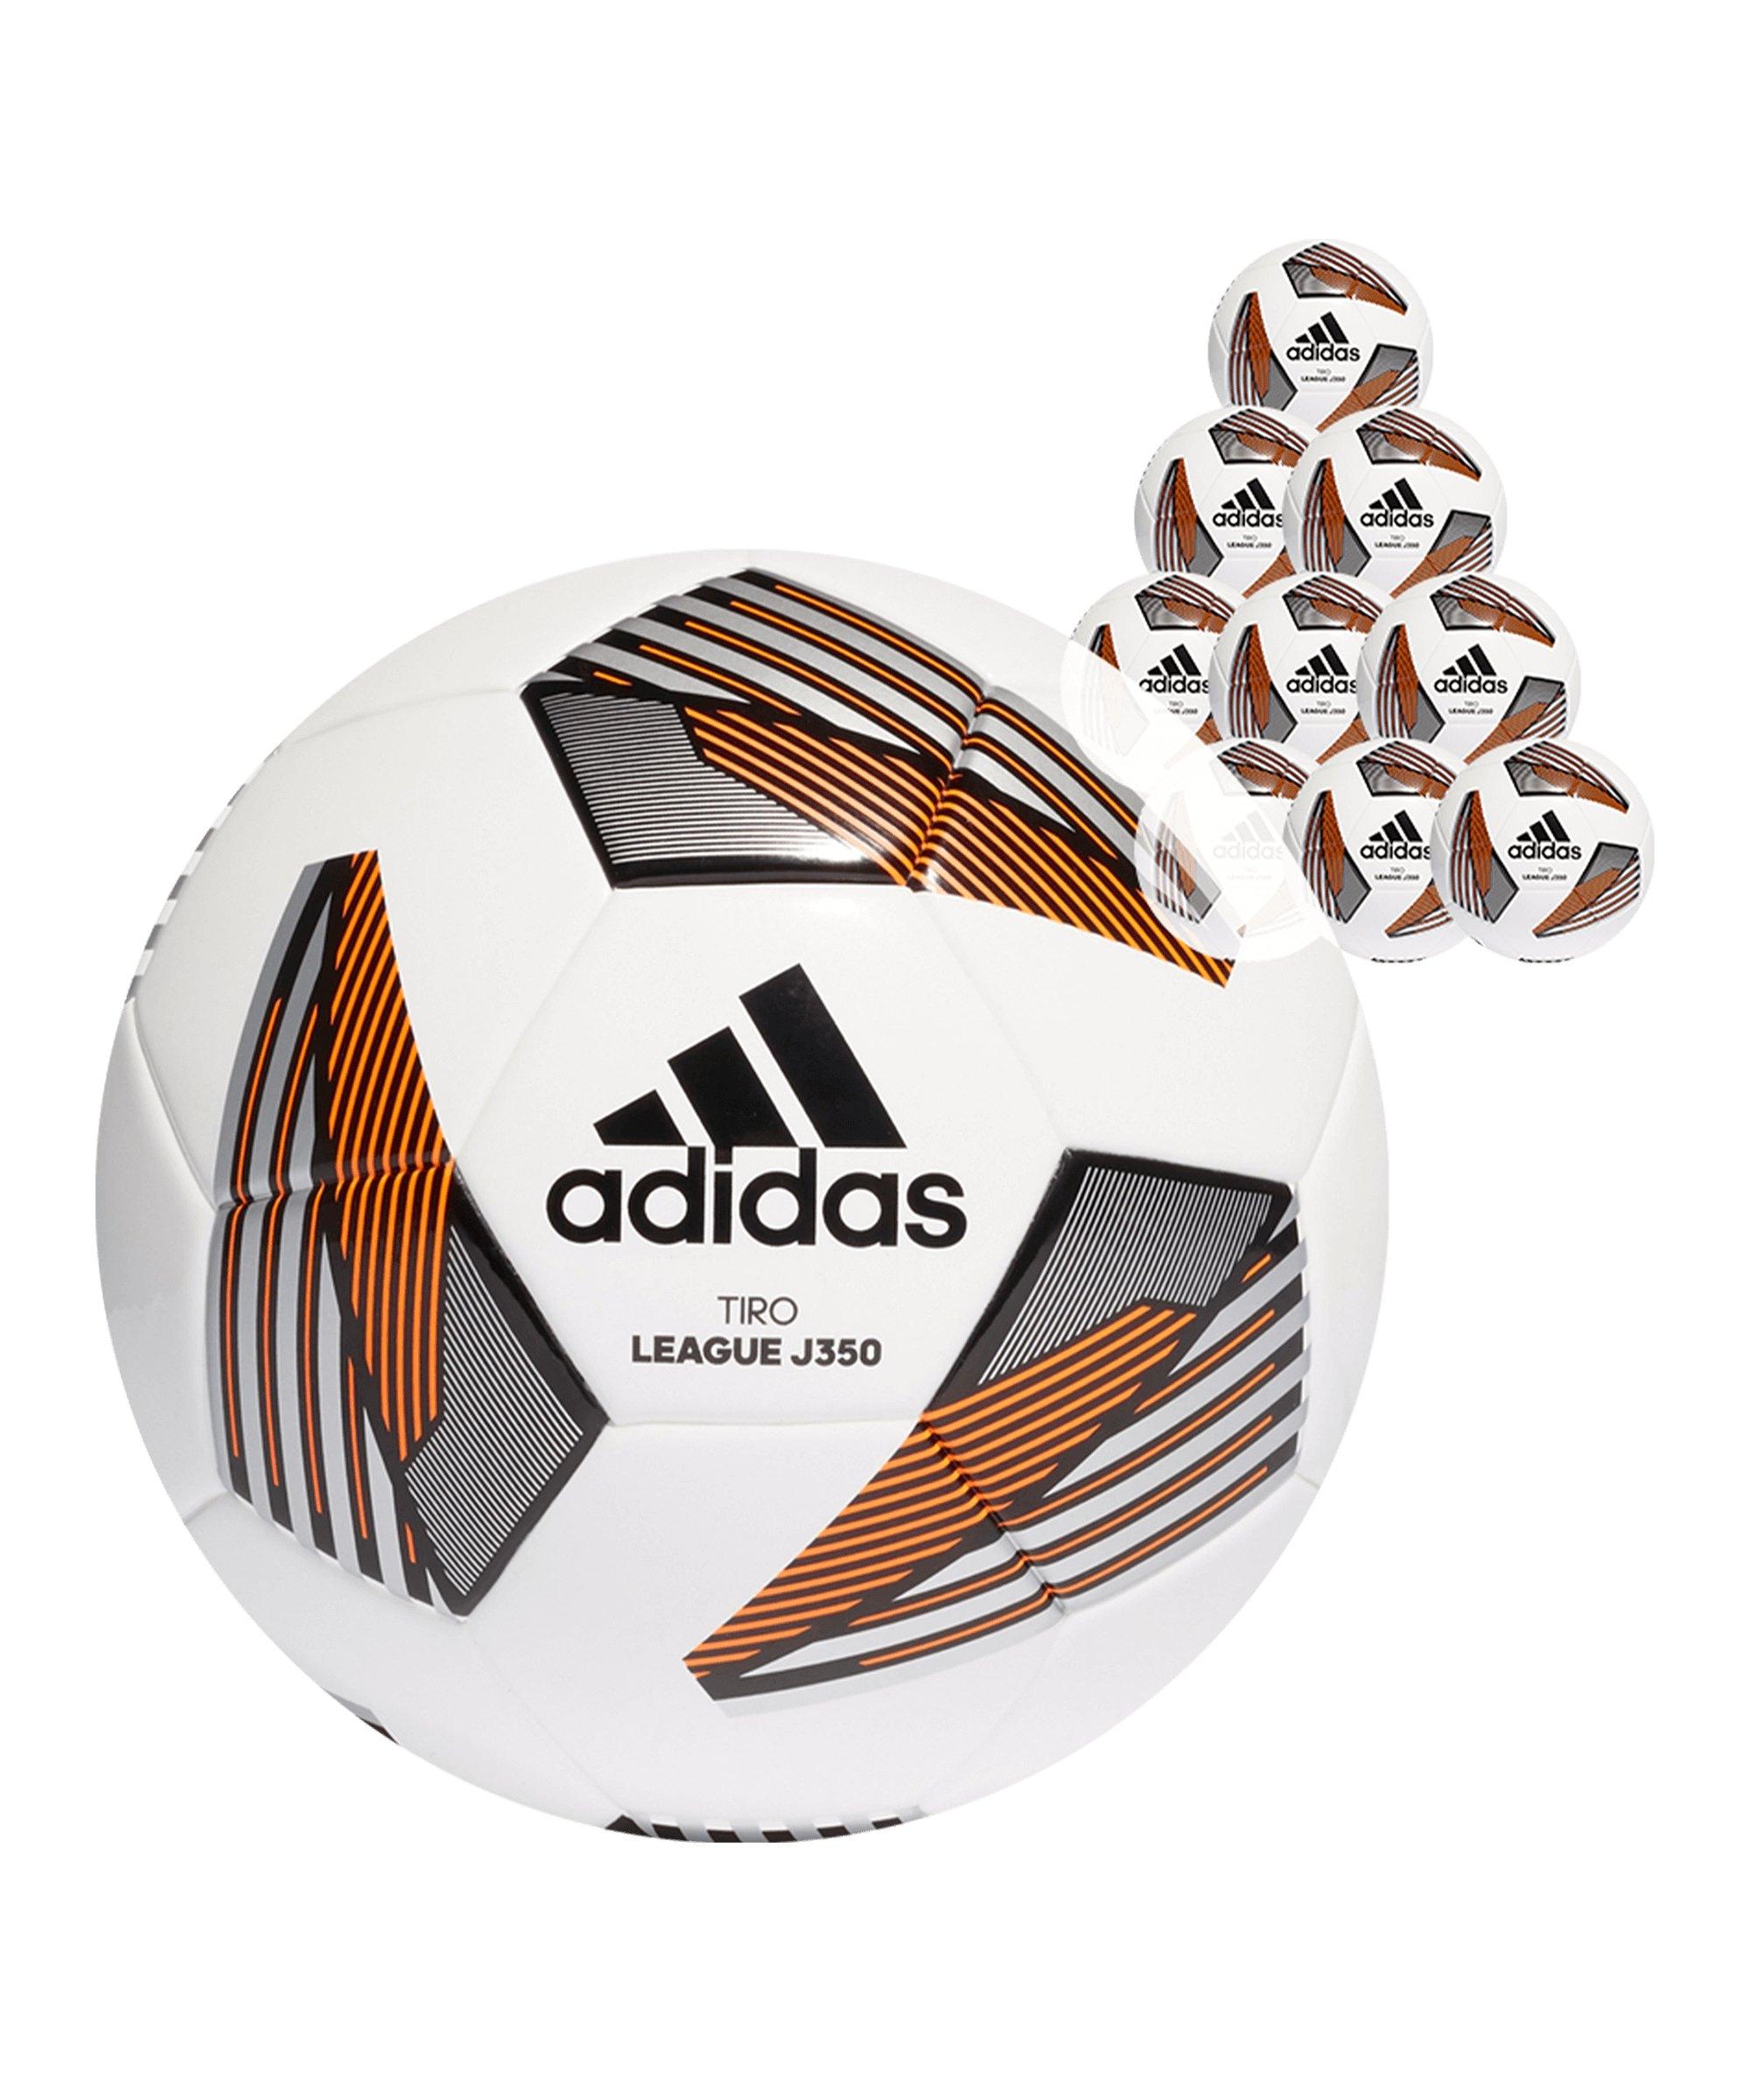 adidas Tiro League Junior 350 Gramm 20x Gr.5Fussball Weiss - weiss